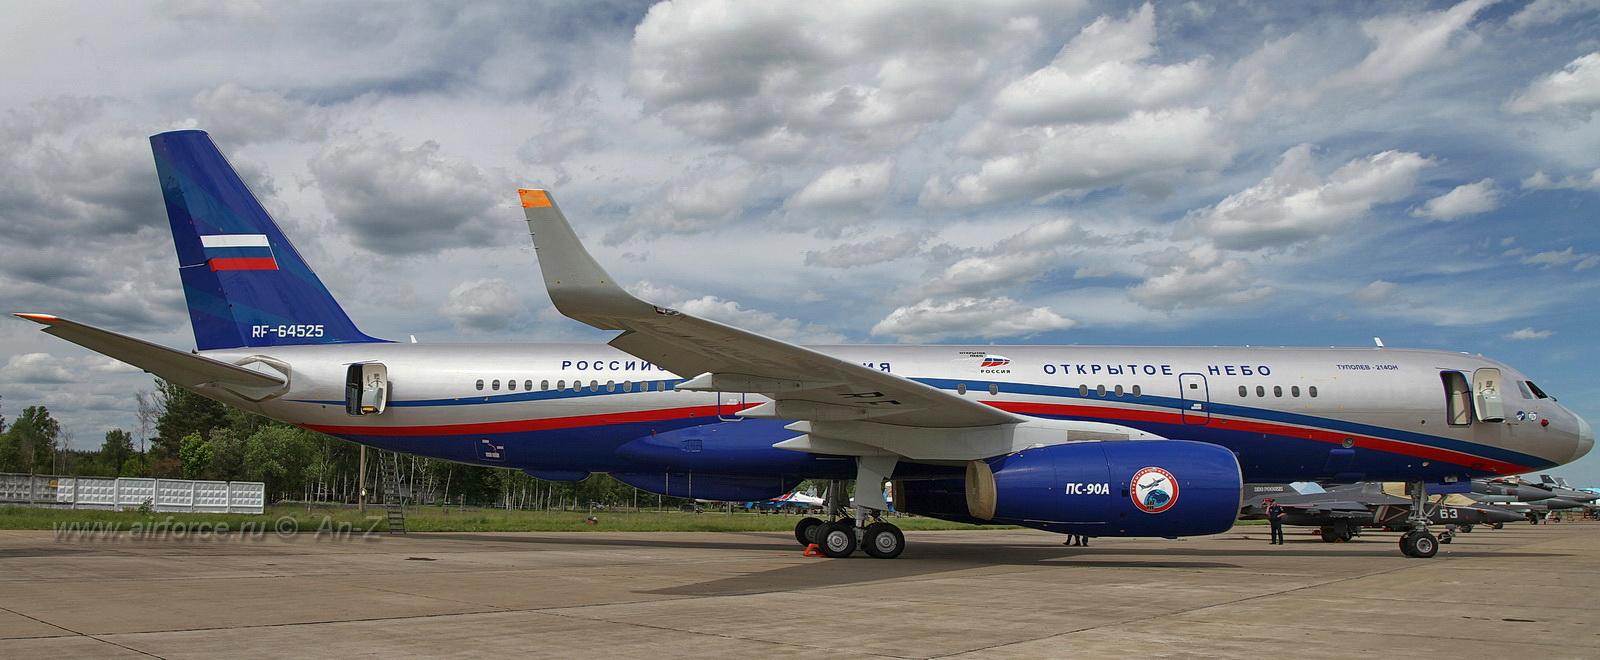 Нажмите на изображение для увеличения.  Название:Tu-204_Panorama1.jpg Просмотров:954 Размер:325.8 Кб ID:64805